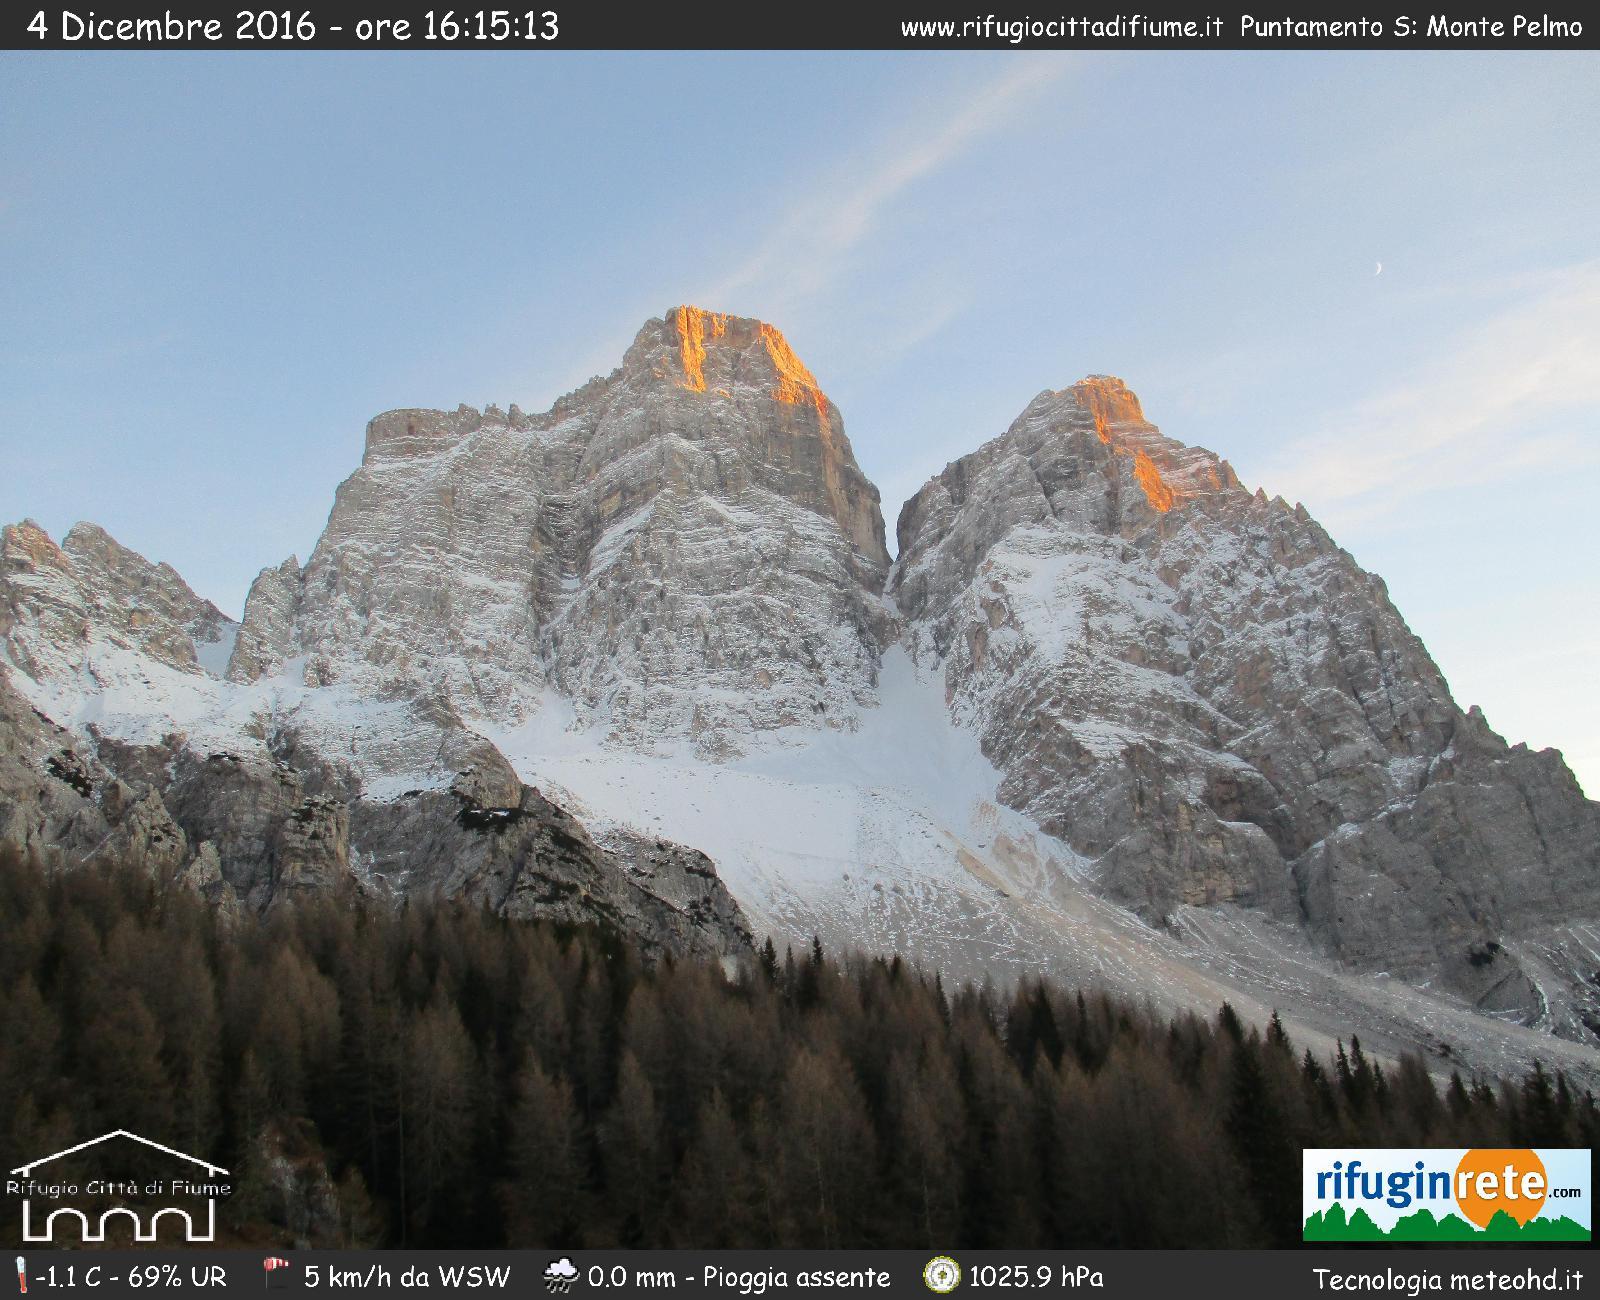 Veneto centro-settentrionale Inverno 2016-17-pelmo-04-12-16.jpg